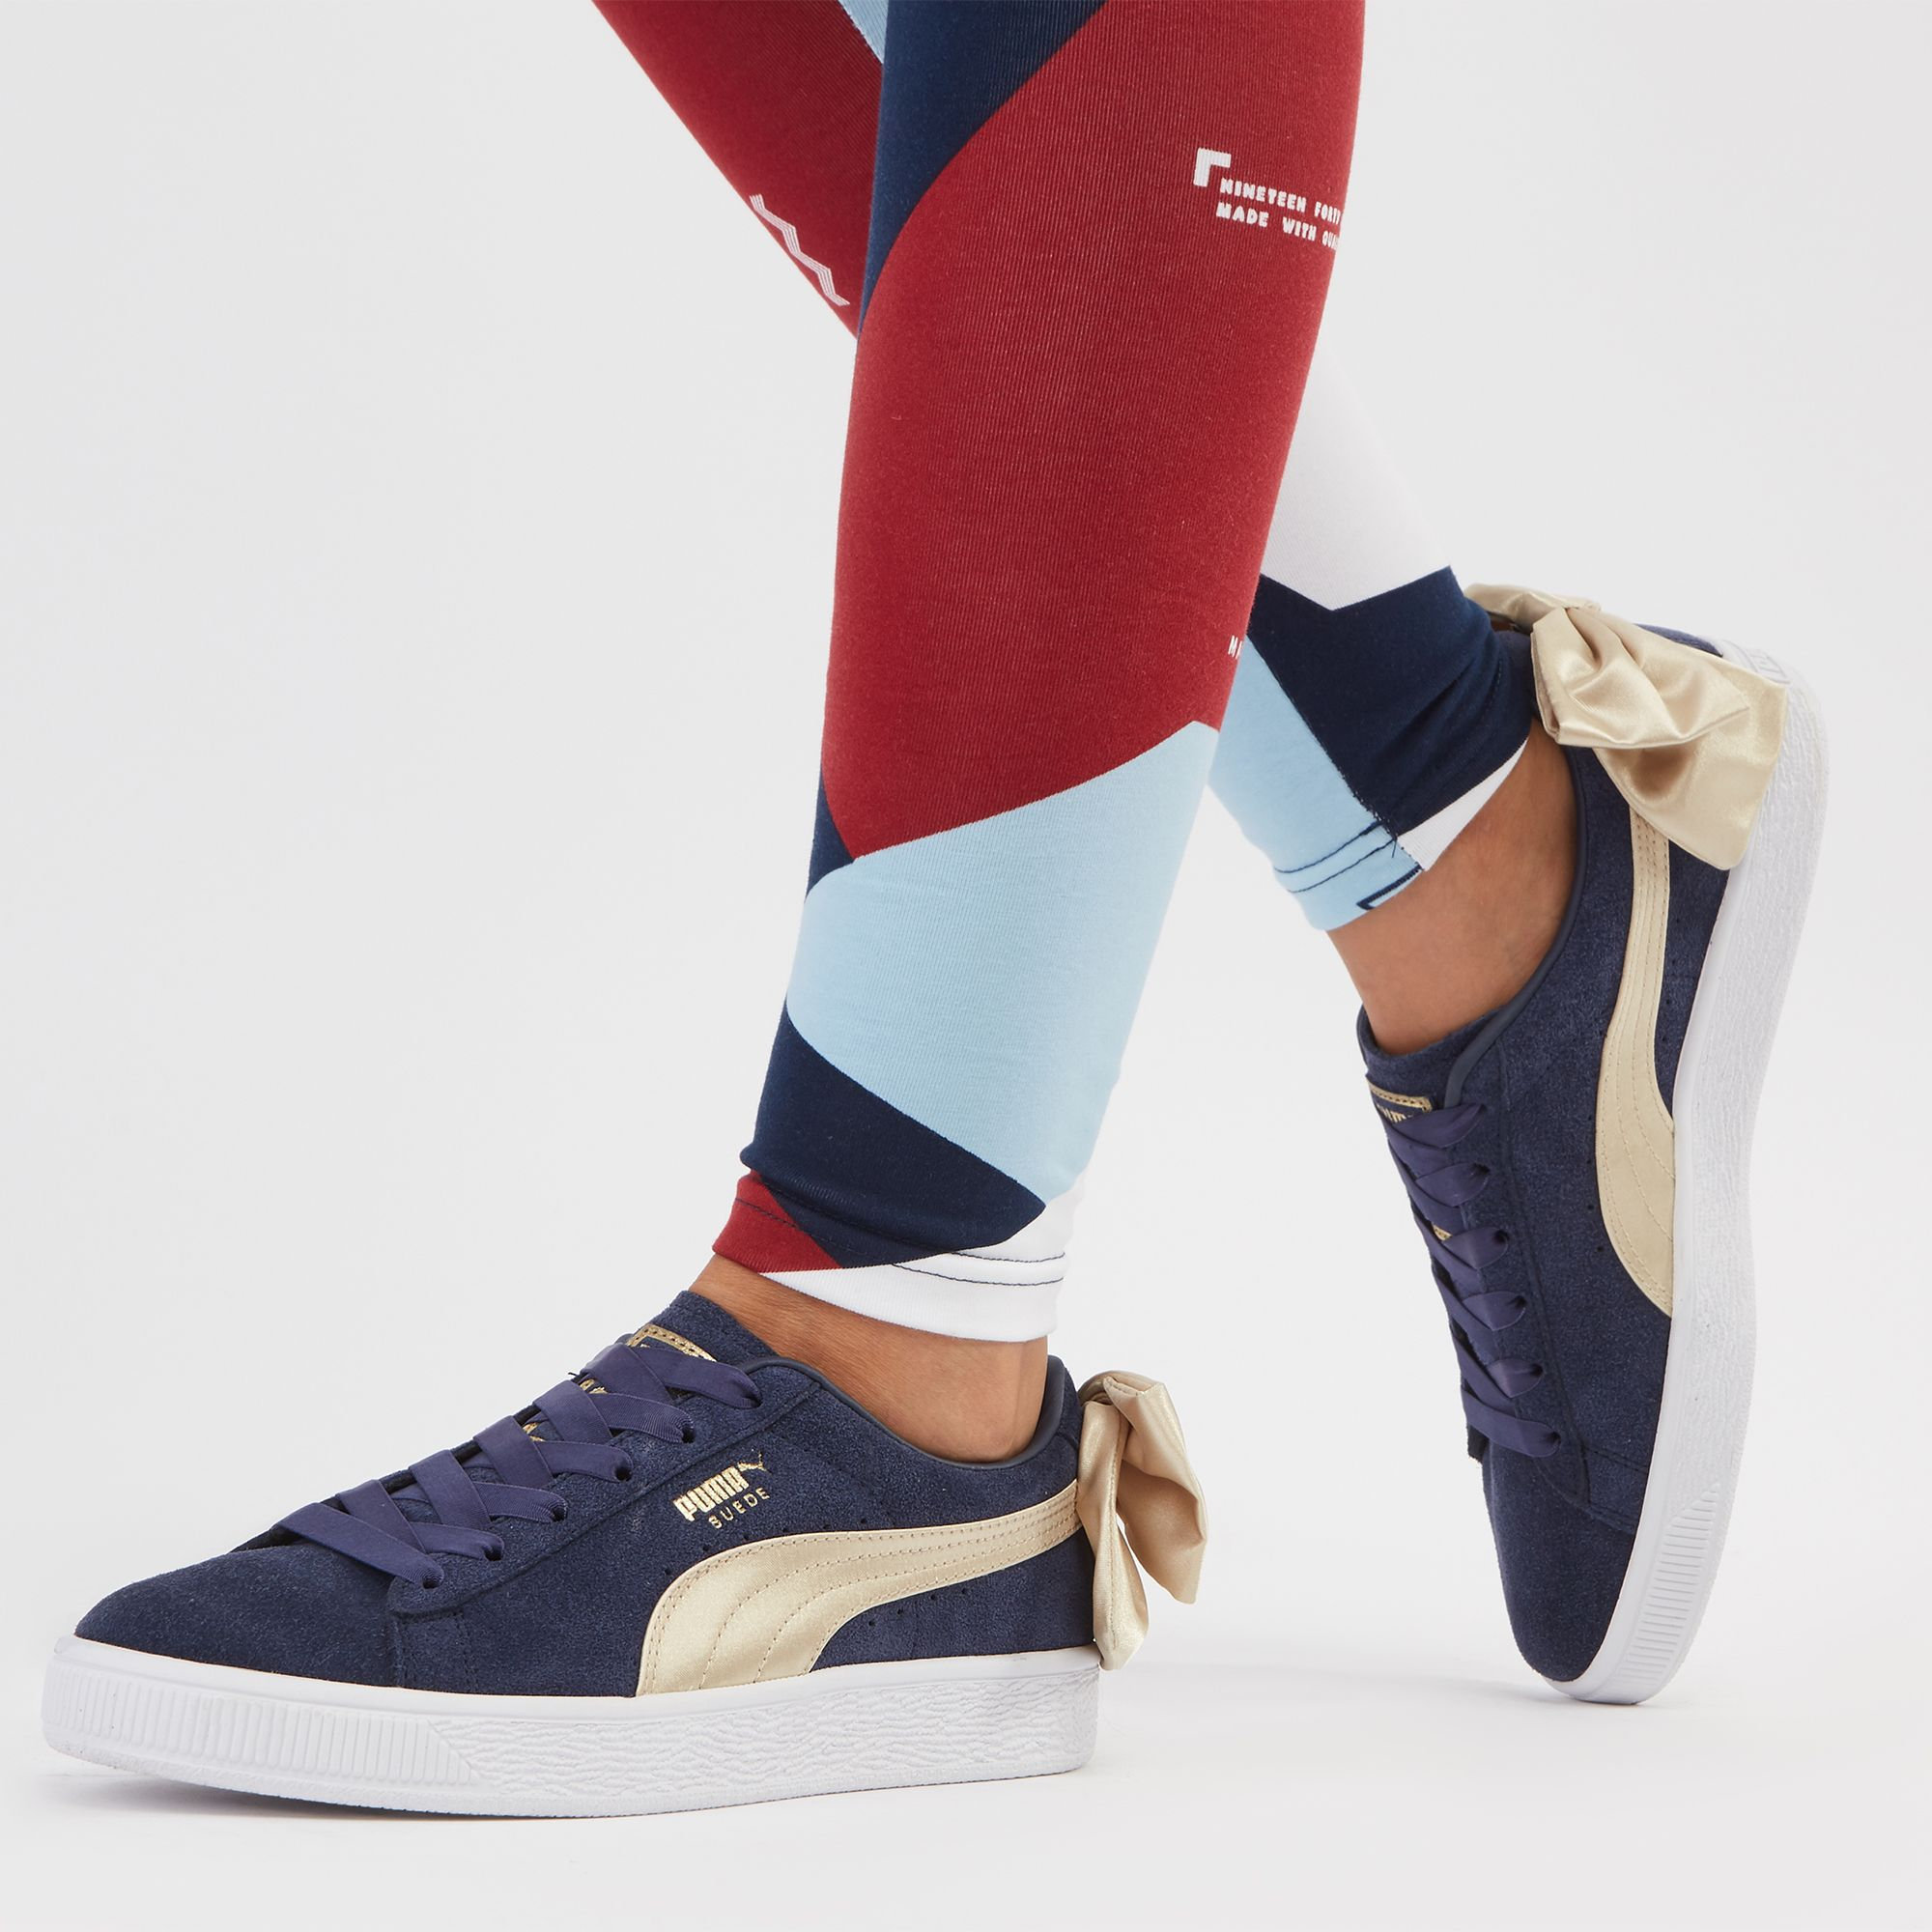 f8976c4eca3 Puma Suede Bow Shoe